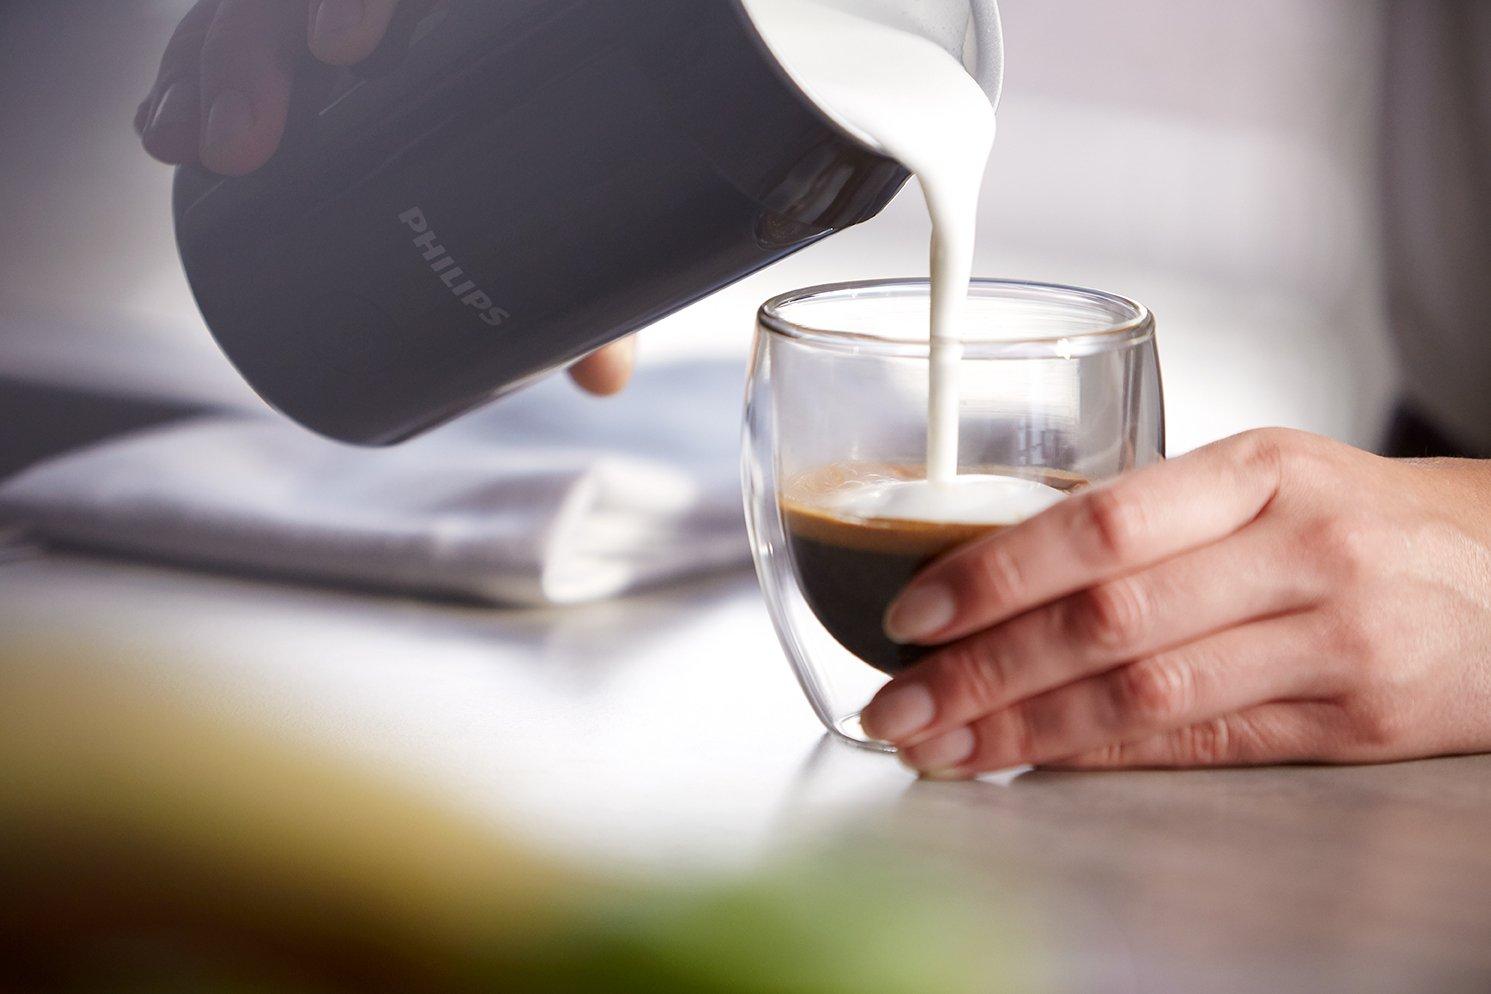 Philips CA6502/65 espumador para leche - Espumador de leche (Corriente alterna, 50 Hz, 220-240 V, 130 mm, 130 mm, 200 mm): Amazon.es: Hogar